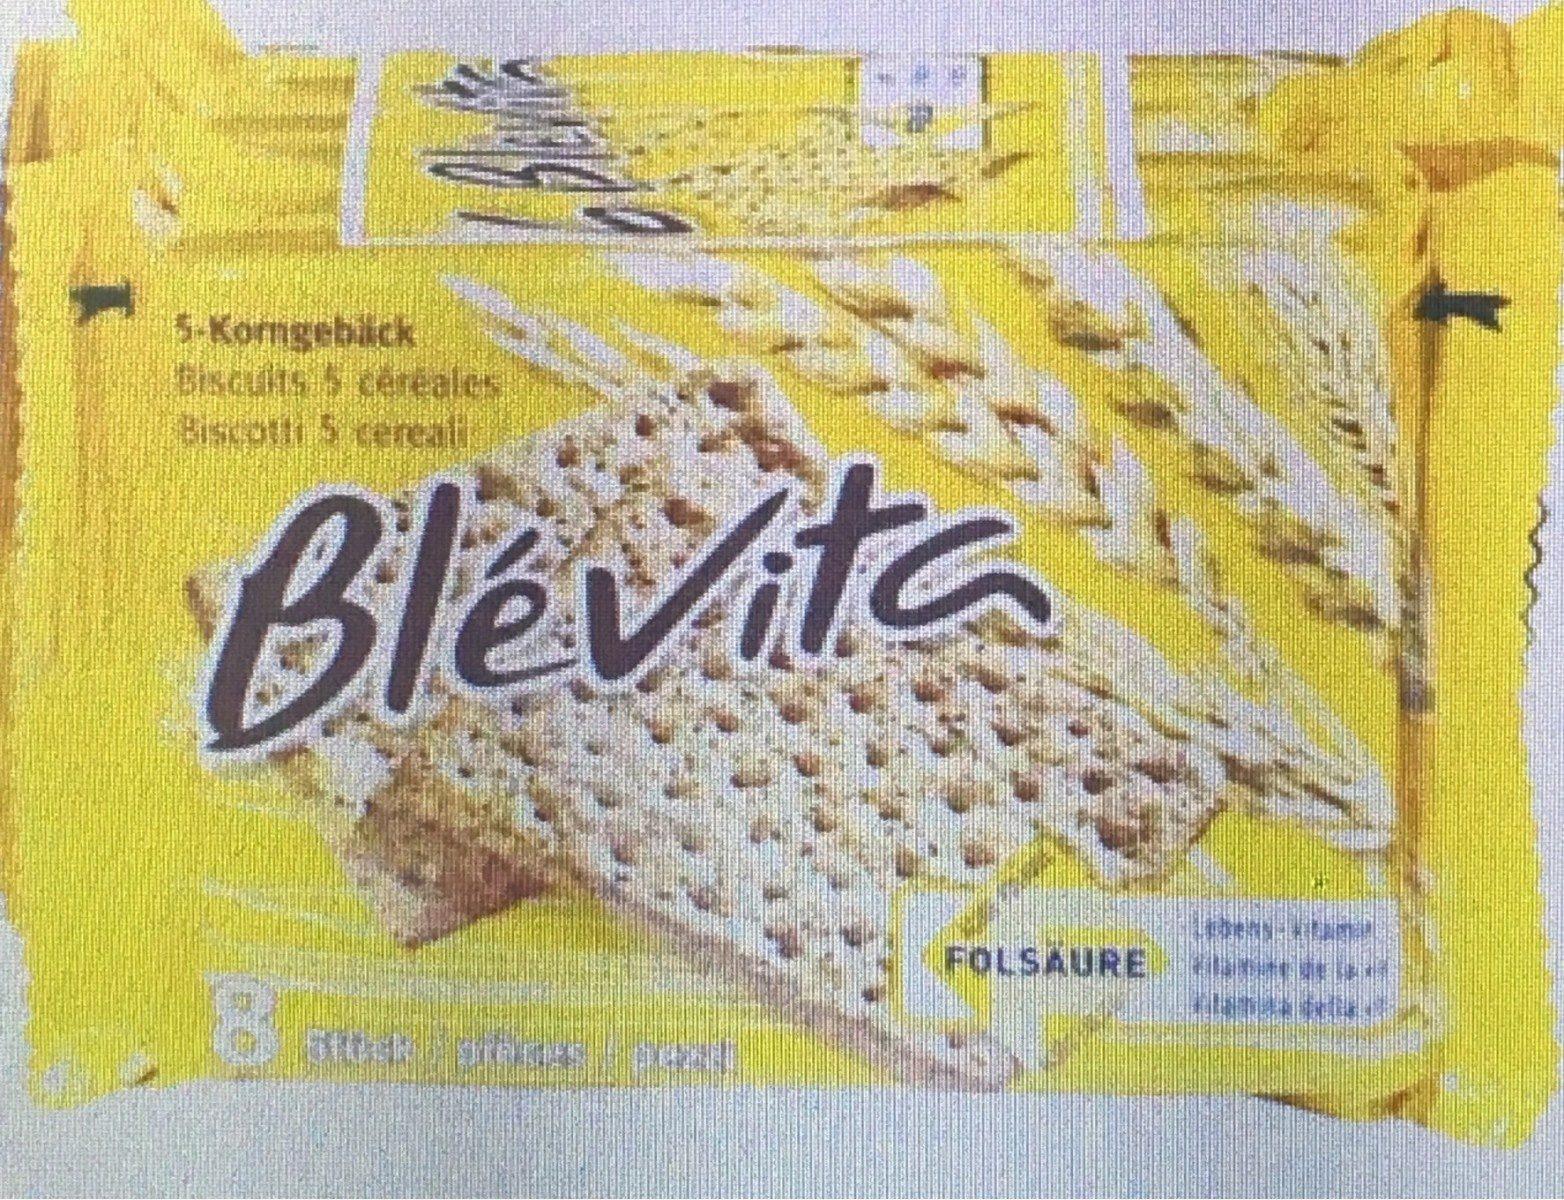 Biscuits 5 céréales - Produit - fr